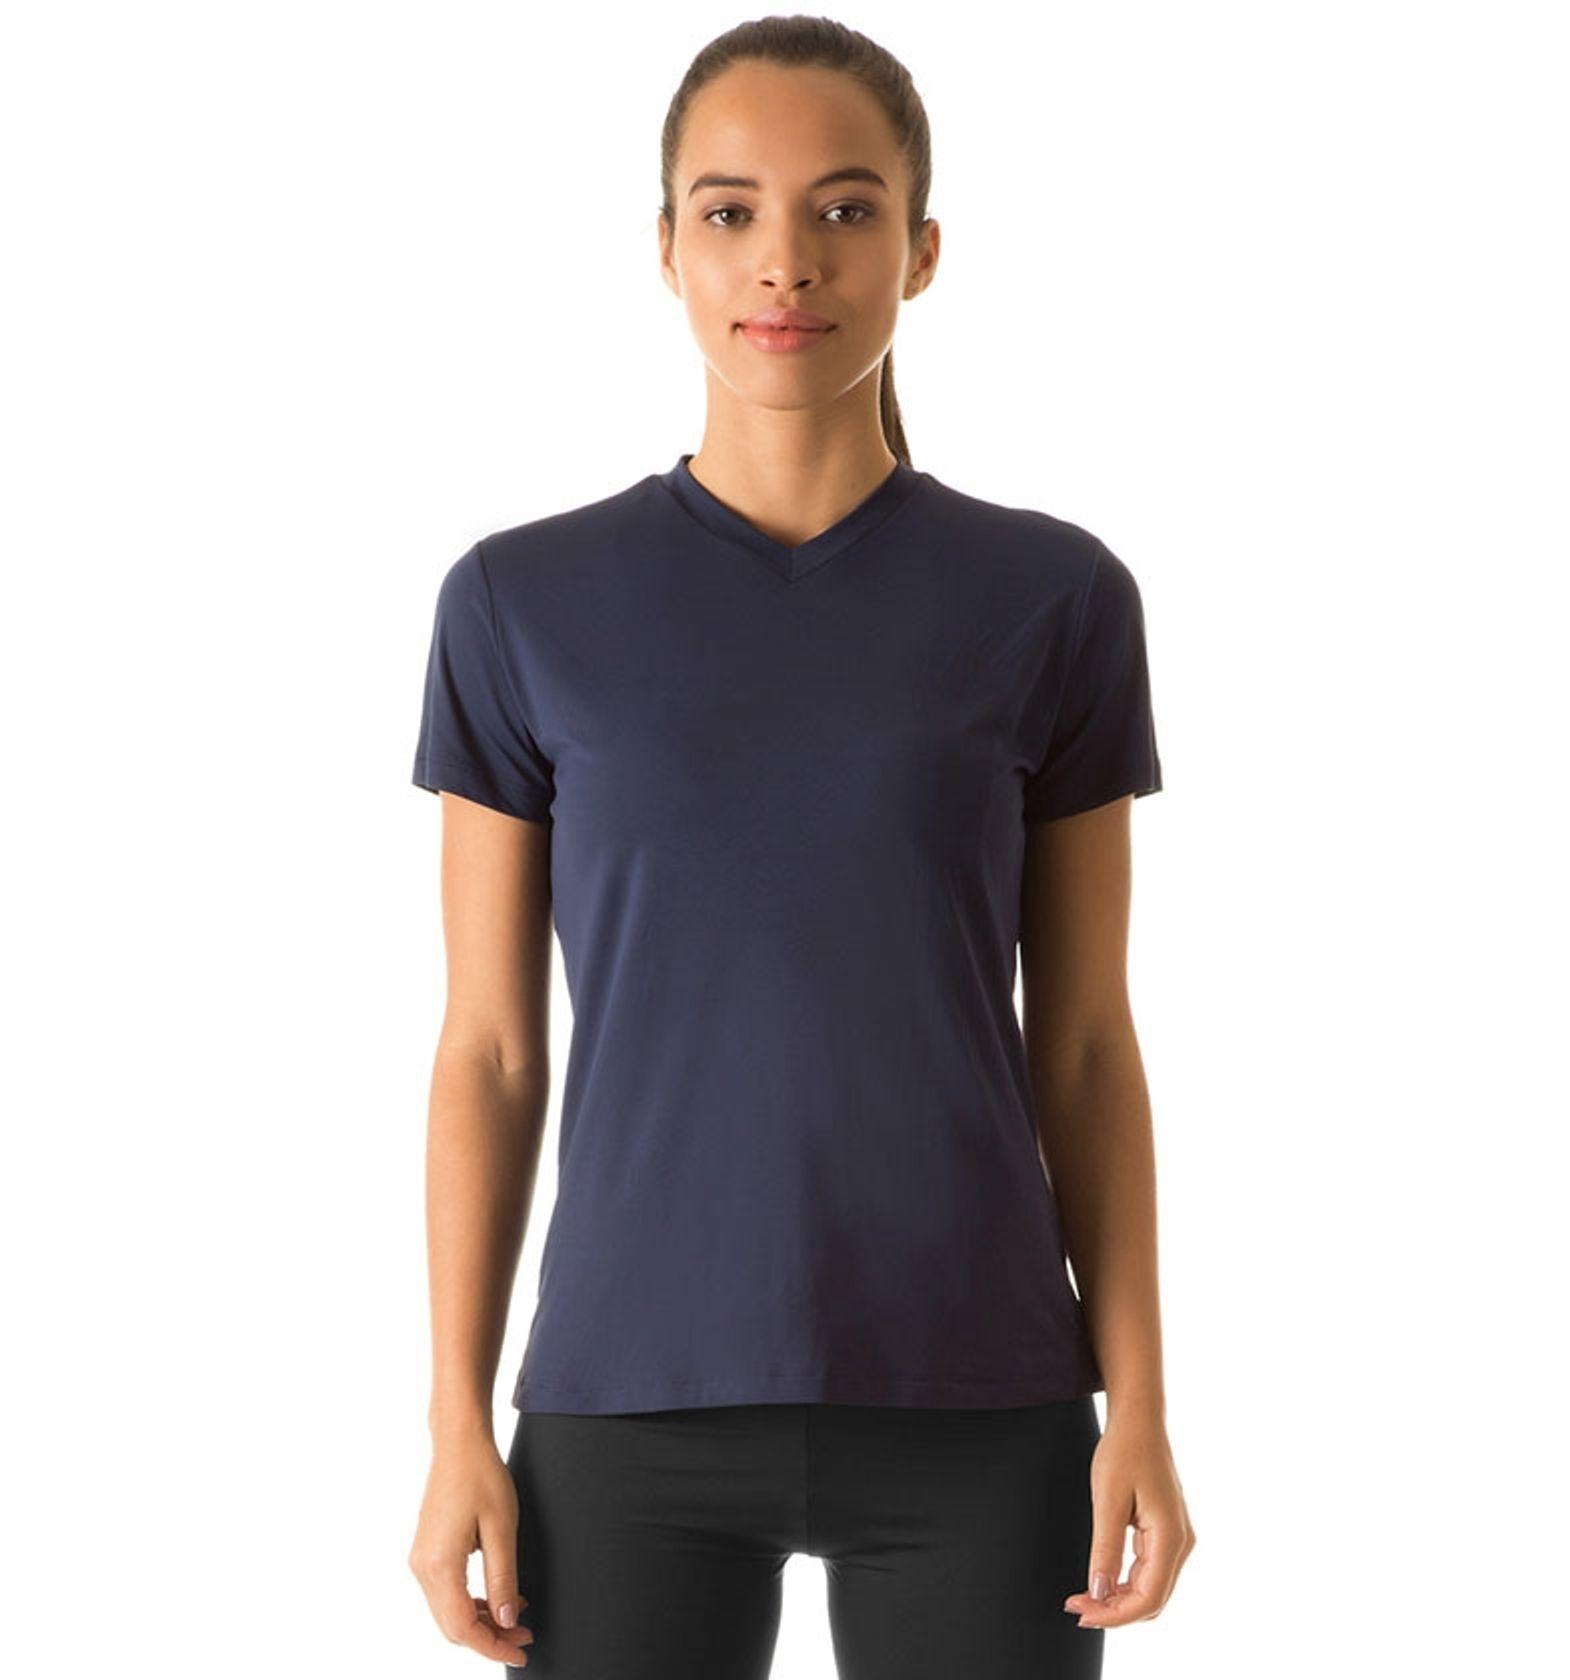 UV LINE Camiseta Sport Fit MC Feminino Marinho Proteção Solar